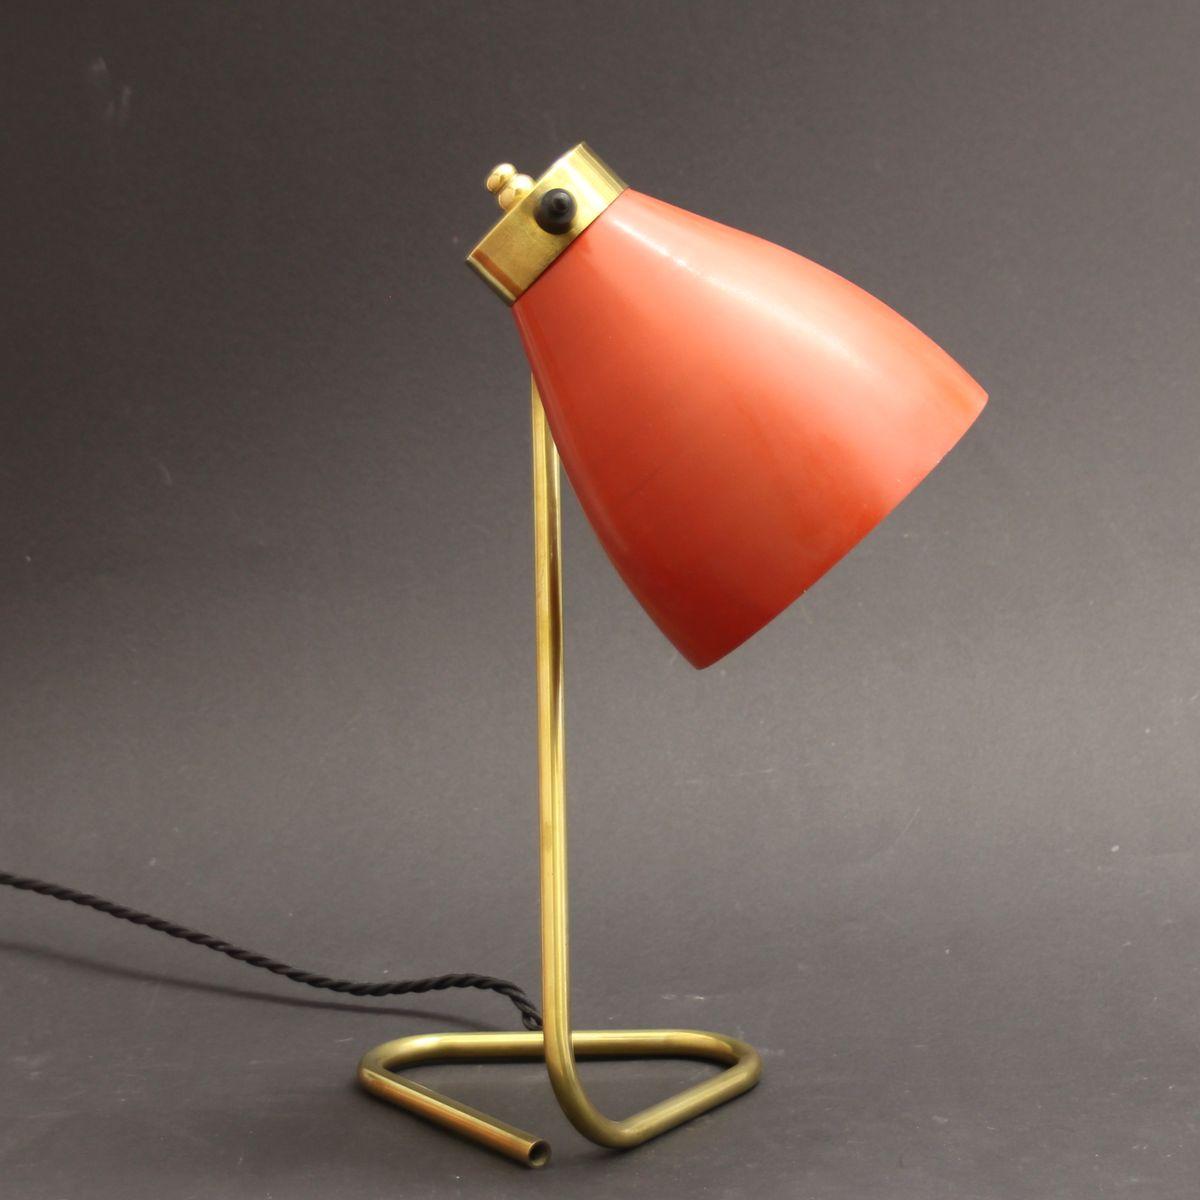 lampe de bureau mid century rouge en laiton france 1950s en vente sur pamono. Black Bedroom Furniture Sets. Home Design Ideas